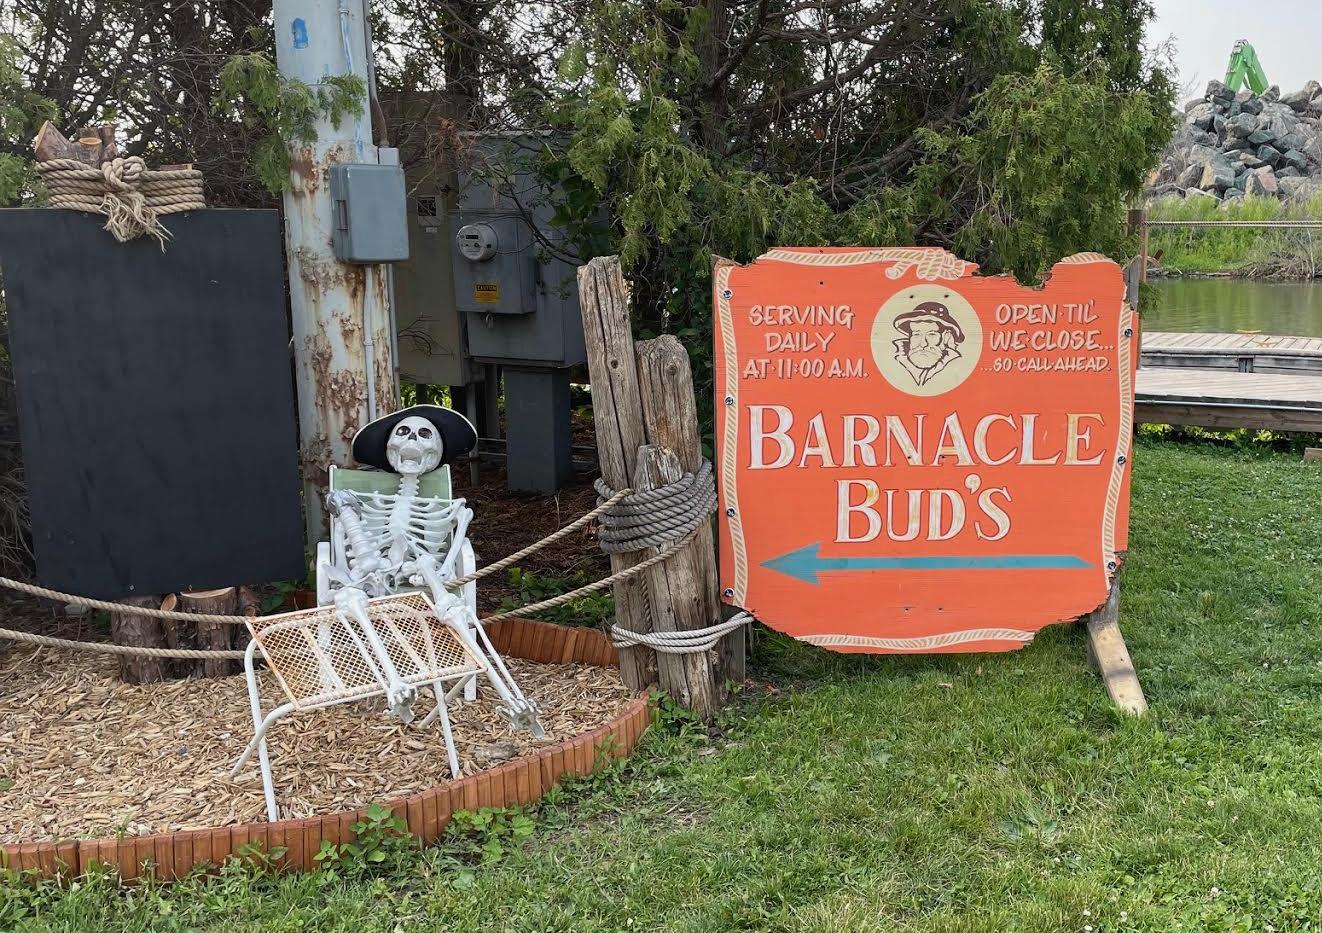 Barnacle Bud's